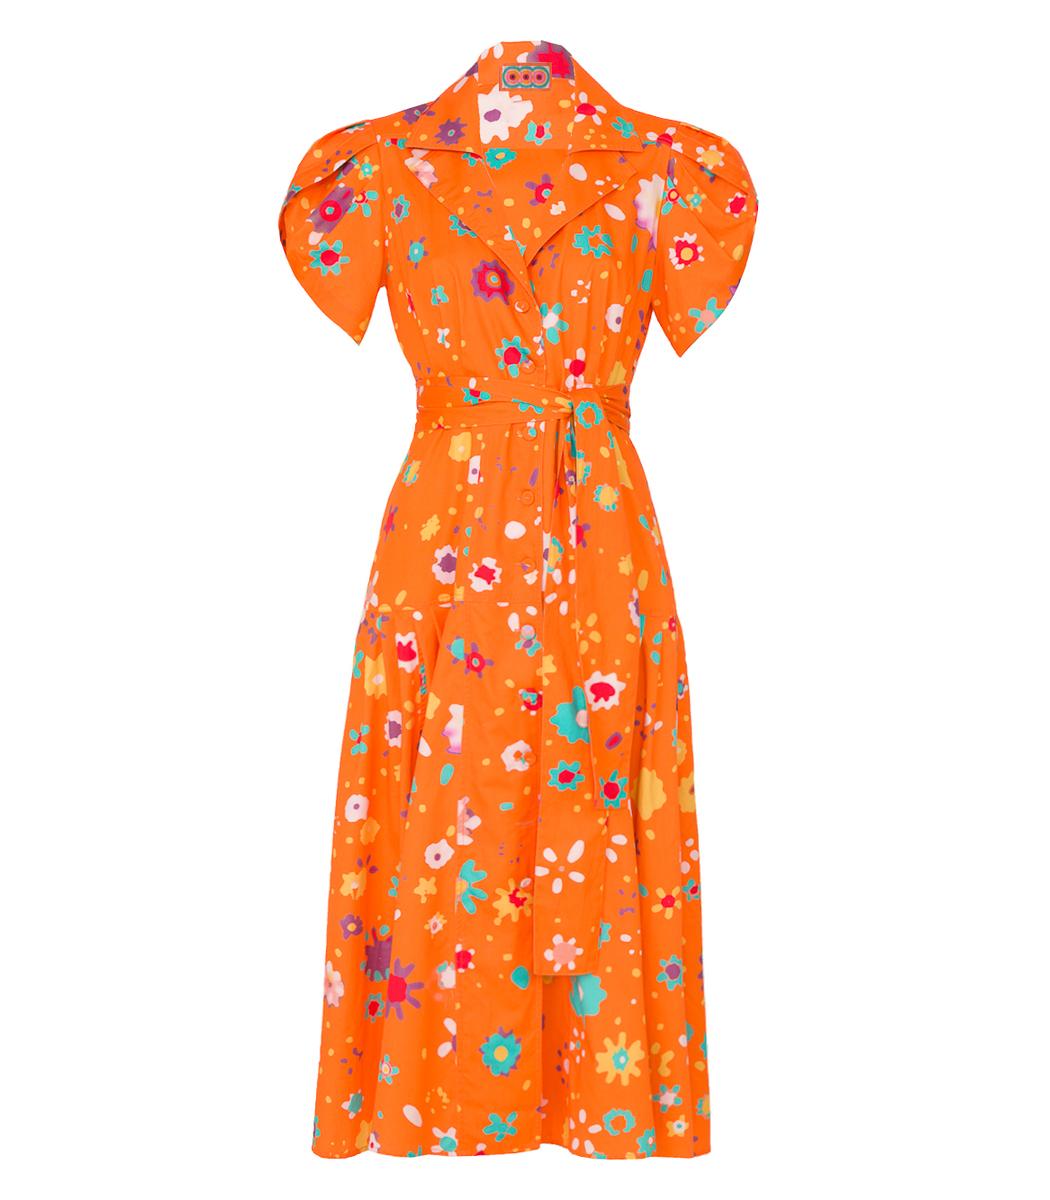 Lhd Orange Glades Dress